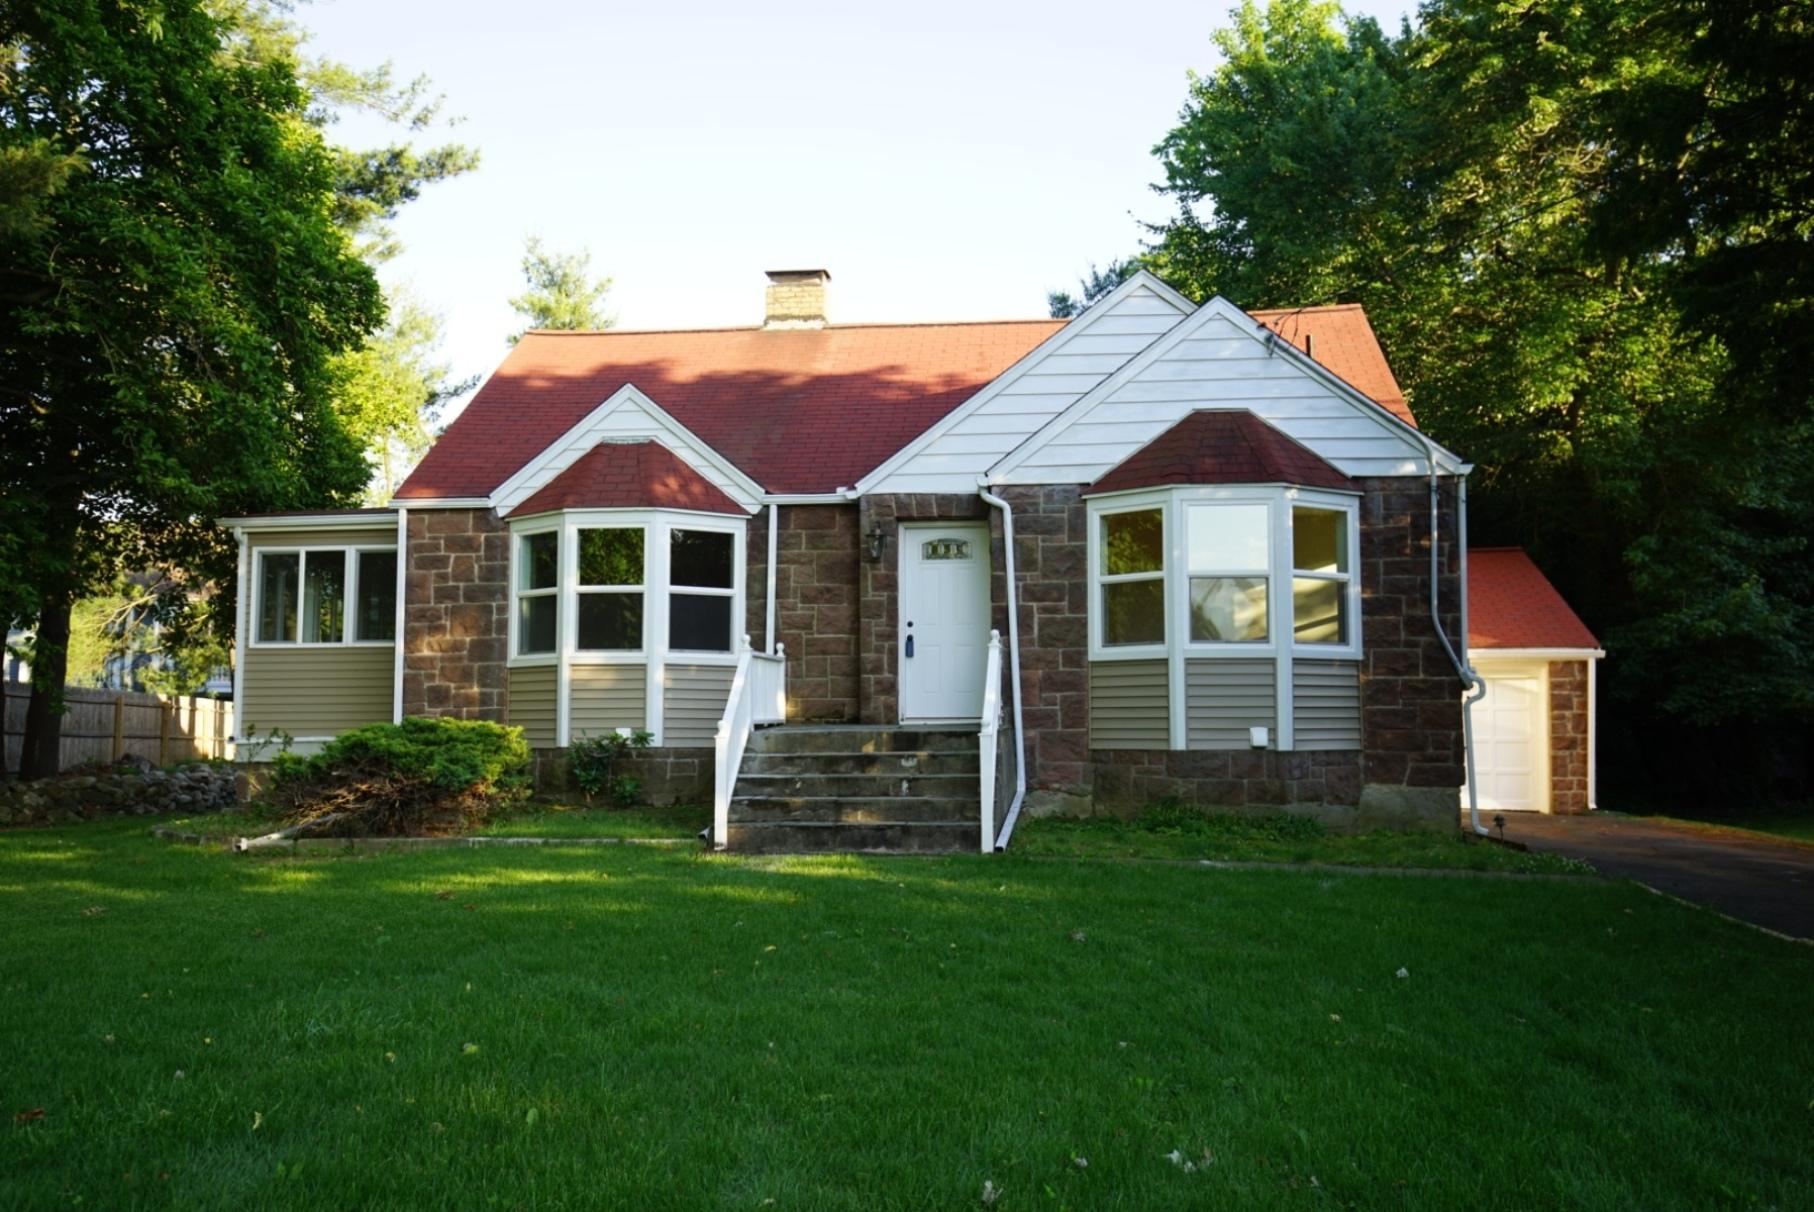 단독 가정 주택 용 매매 에 Storybook Stone Cape 24 Mills Street Westport, 코네티컷, 06880 미국